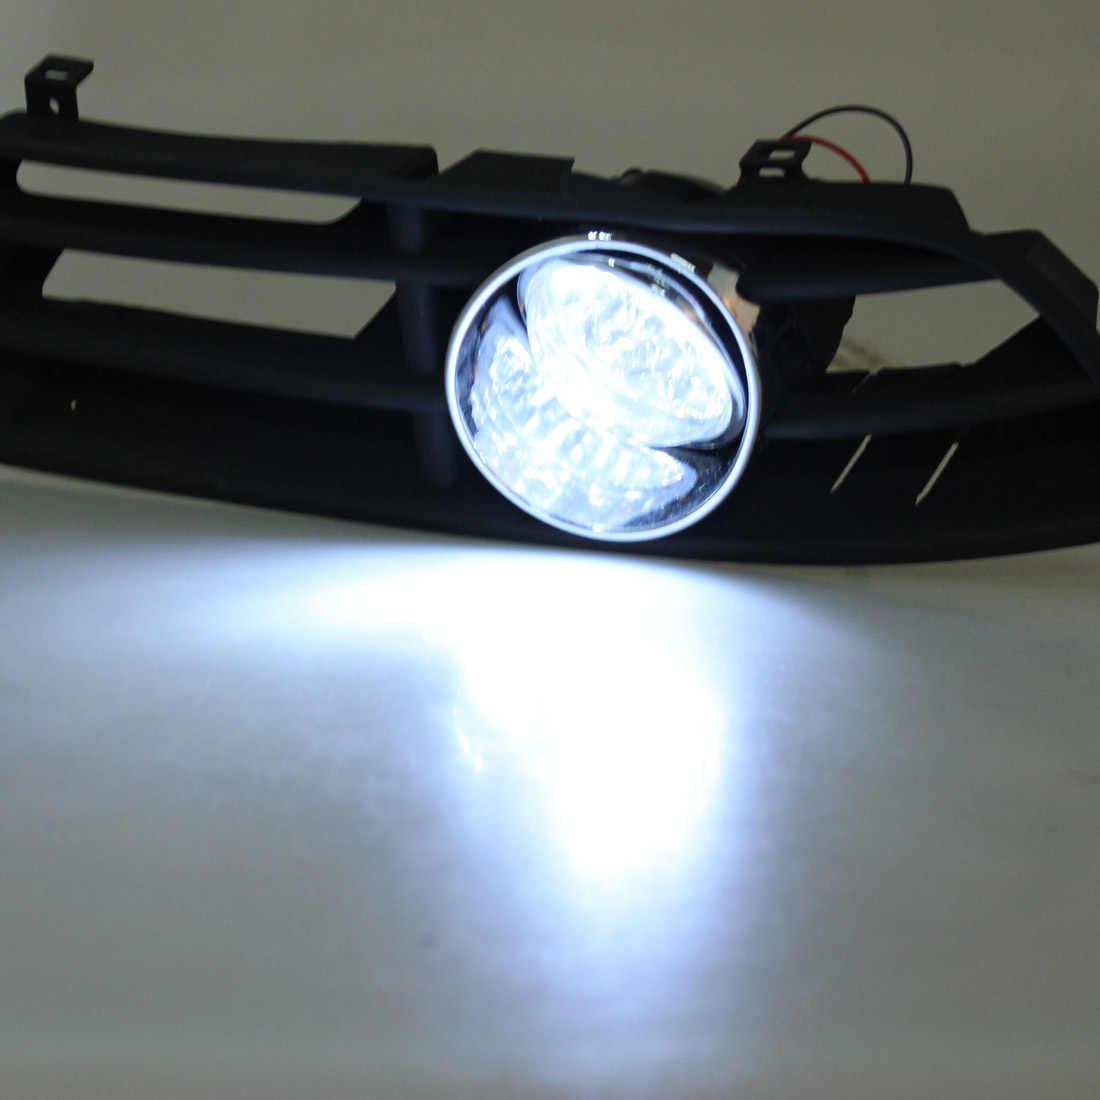 1 пара 55 Вт Автомобильный светодиодный противотуманный фонарь решетка бампера с жгутом для VW JETTA BORA MK4 1999 2000 2001 2002 2003 2004